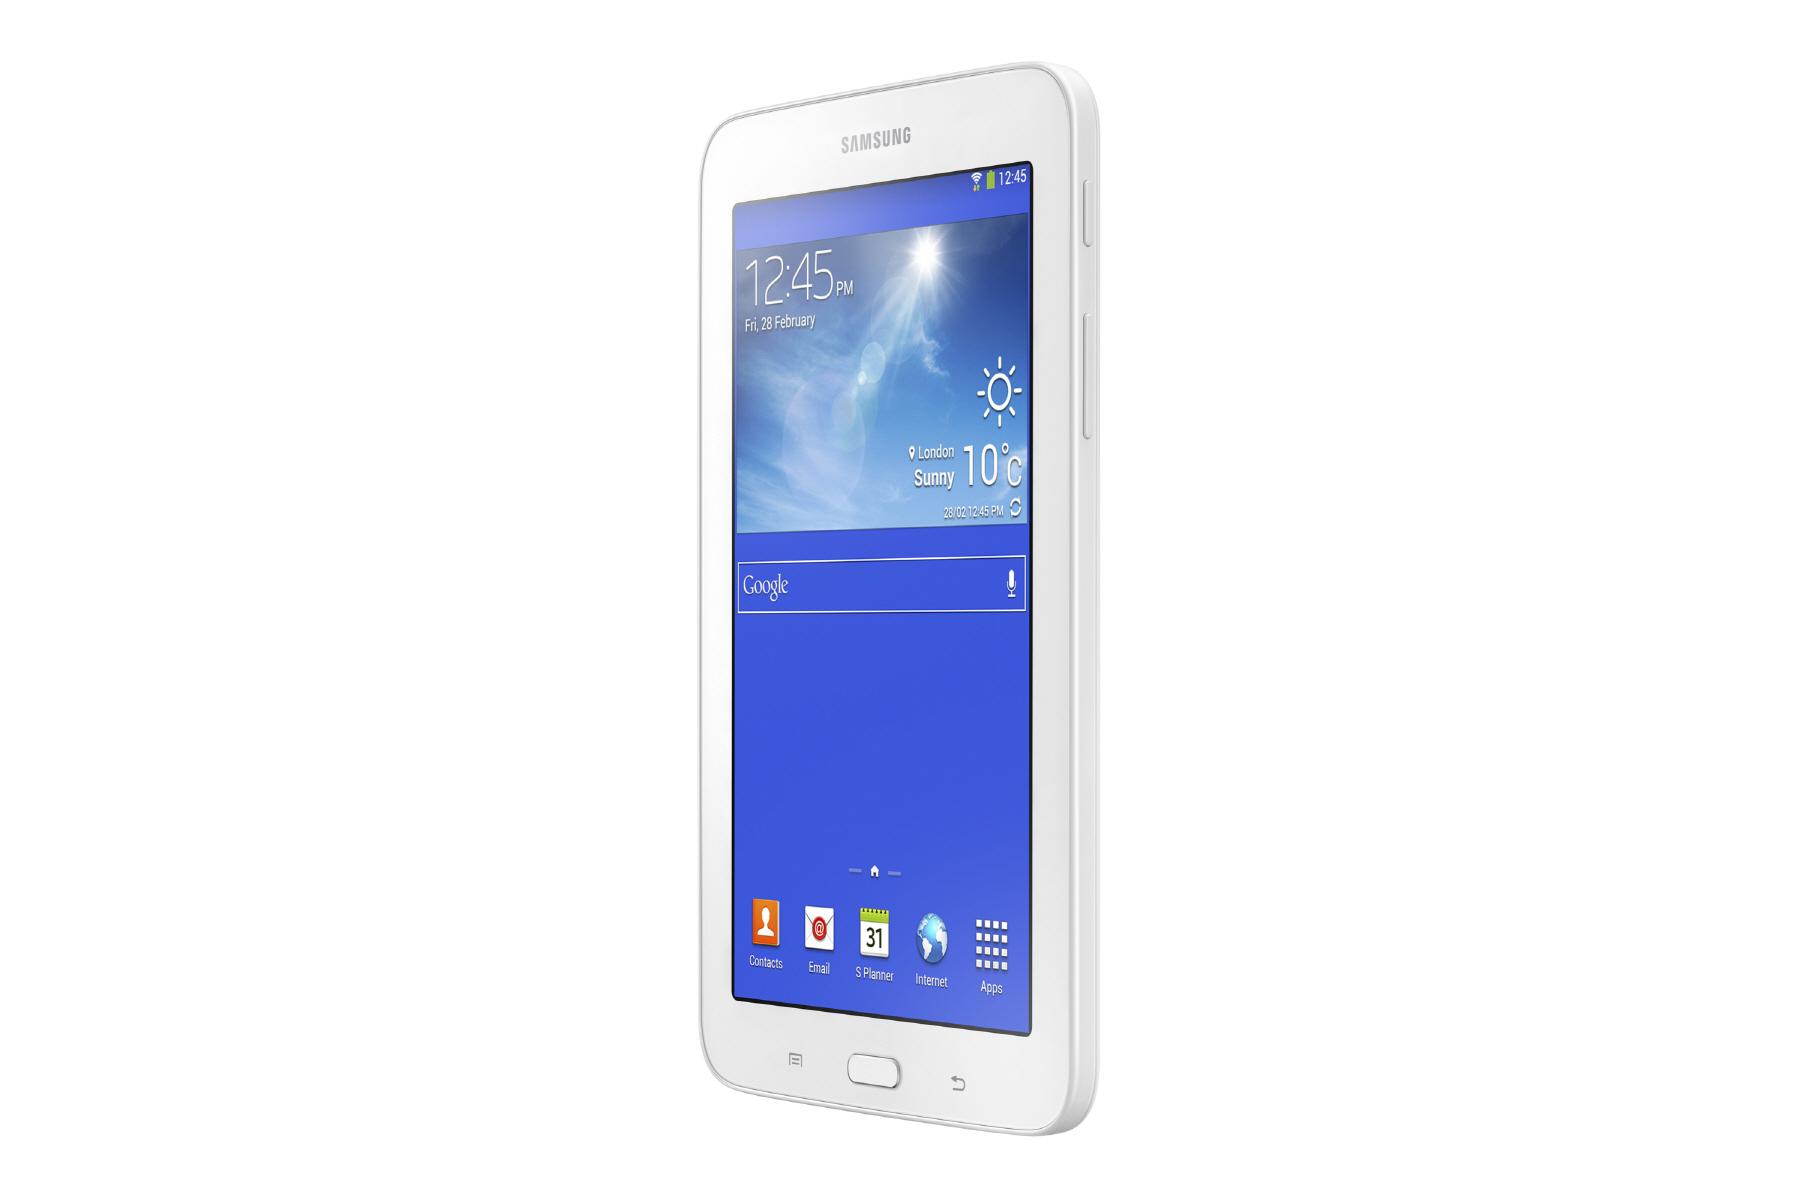 Samsung GALAXY Tab 3 7.0 Lite SM-T111